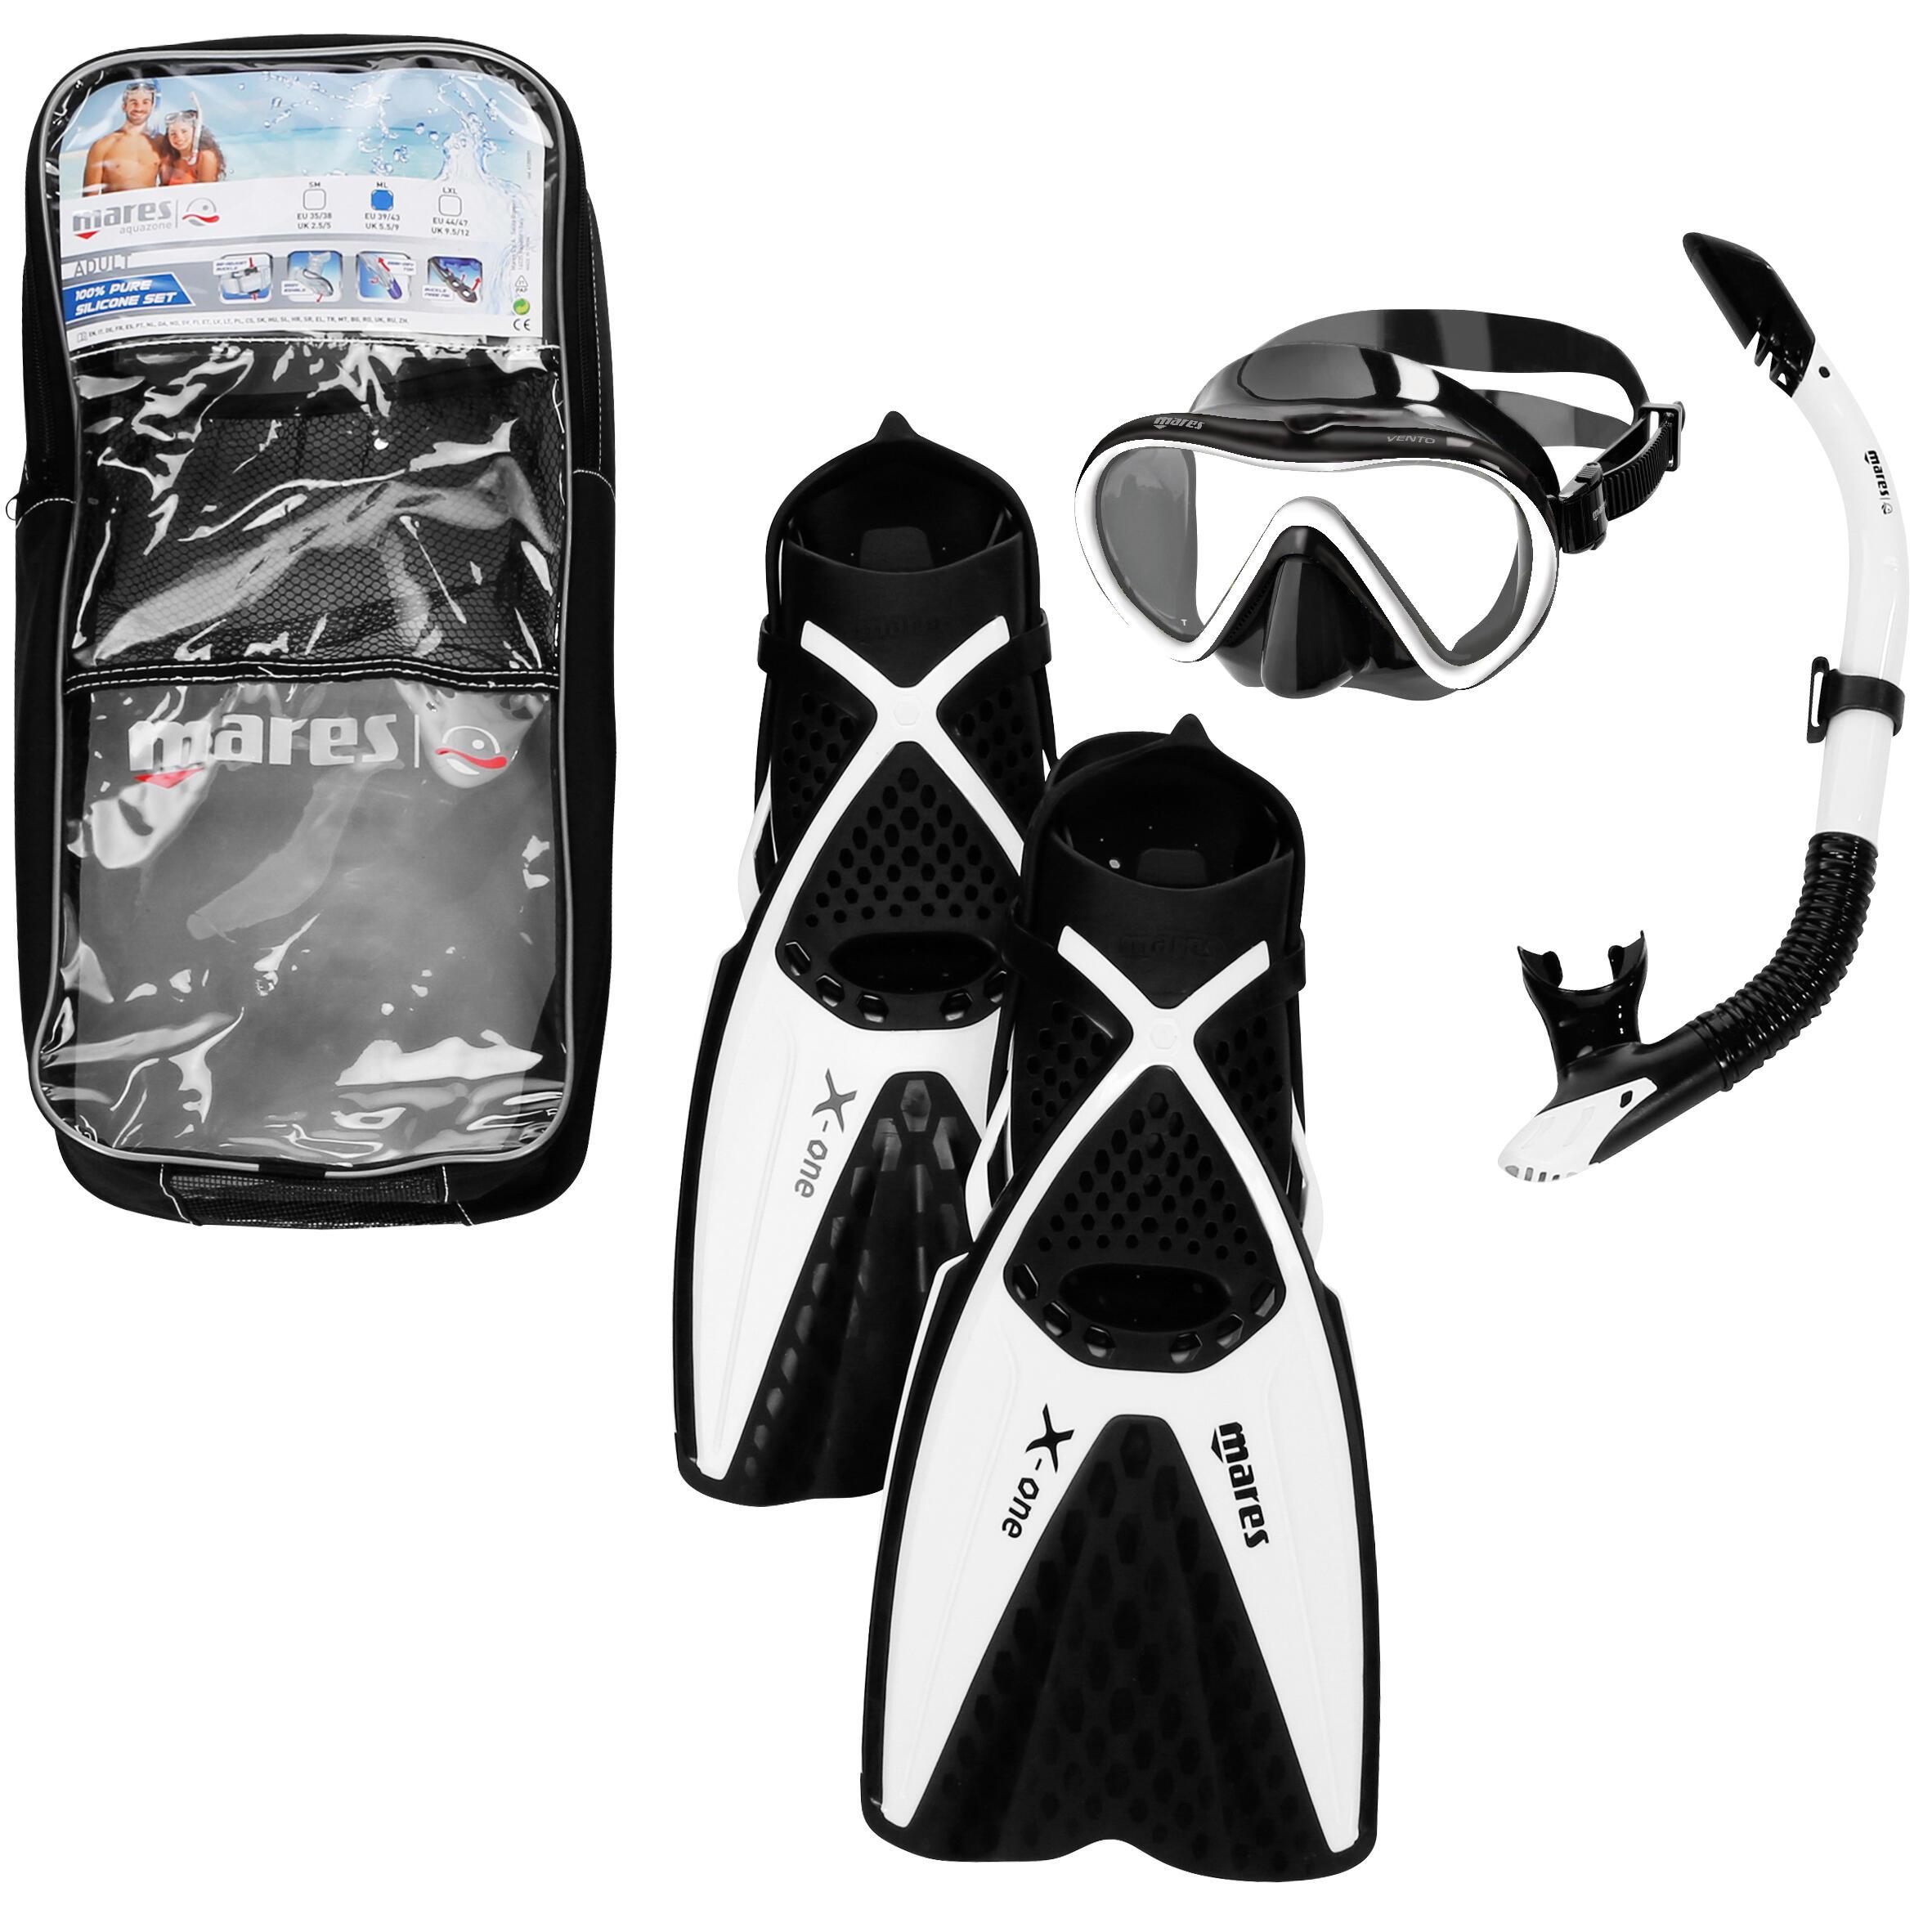 Mares Snorkelset X-One (snorkelvinnen, duikbril, snorkel) zwart wit kopen